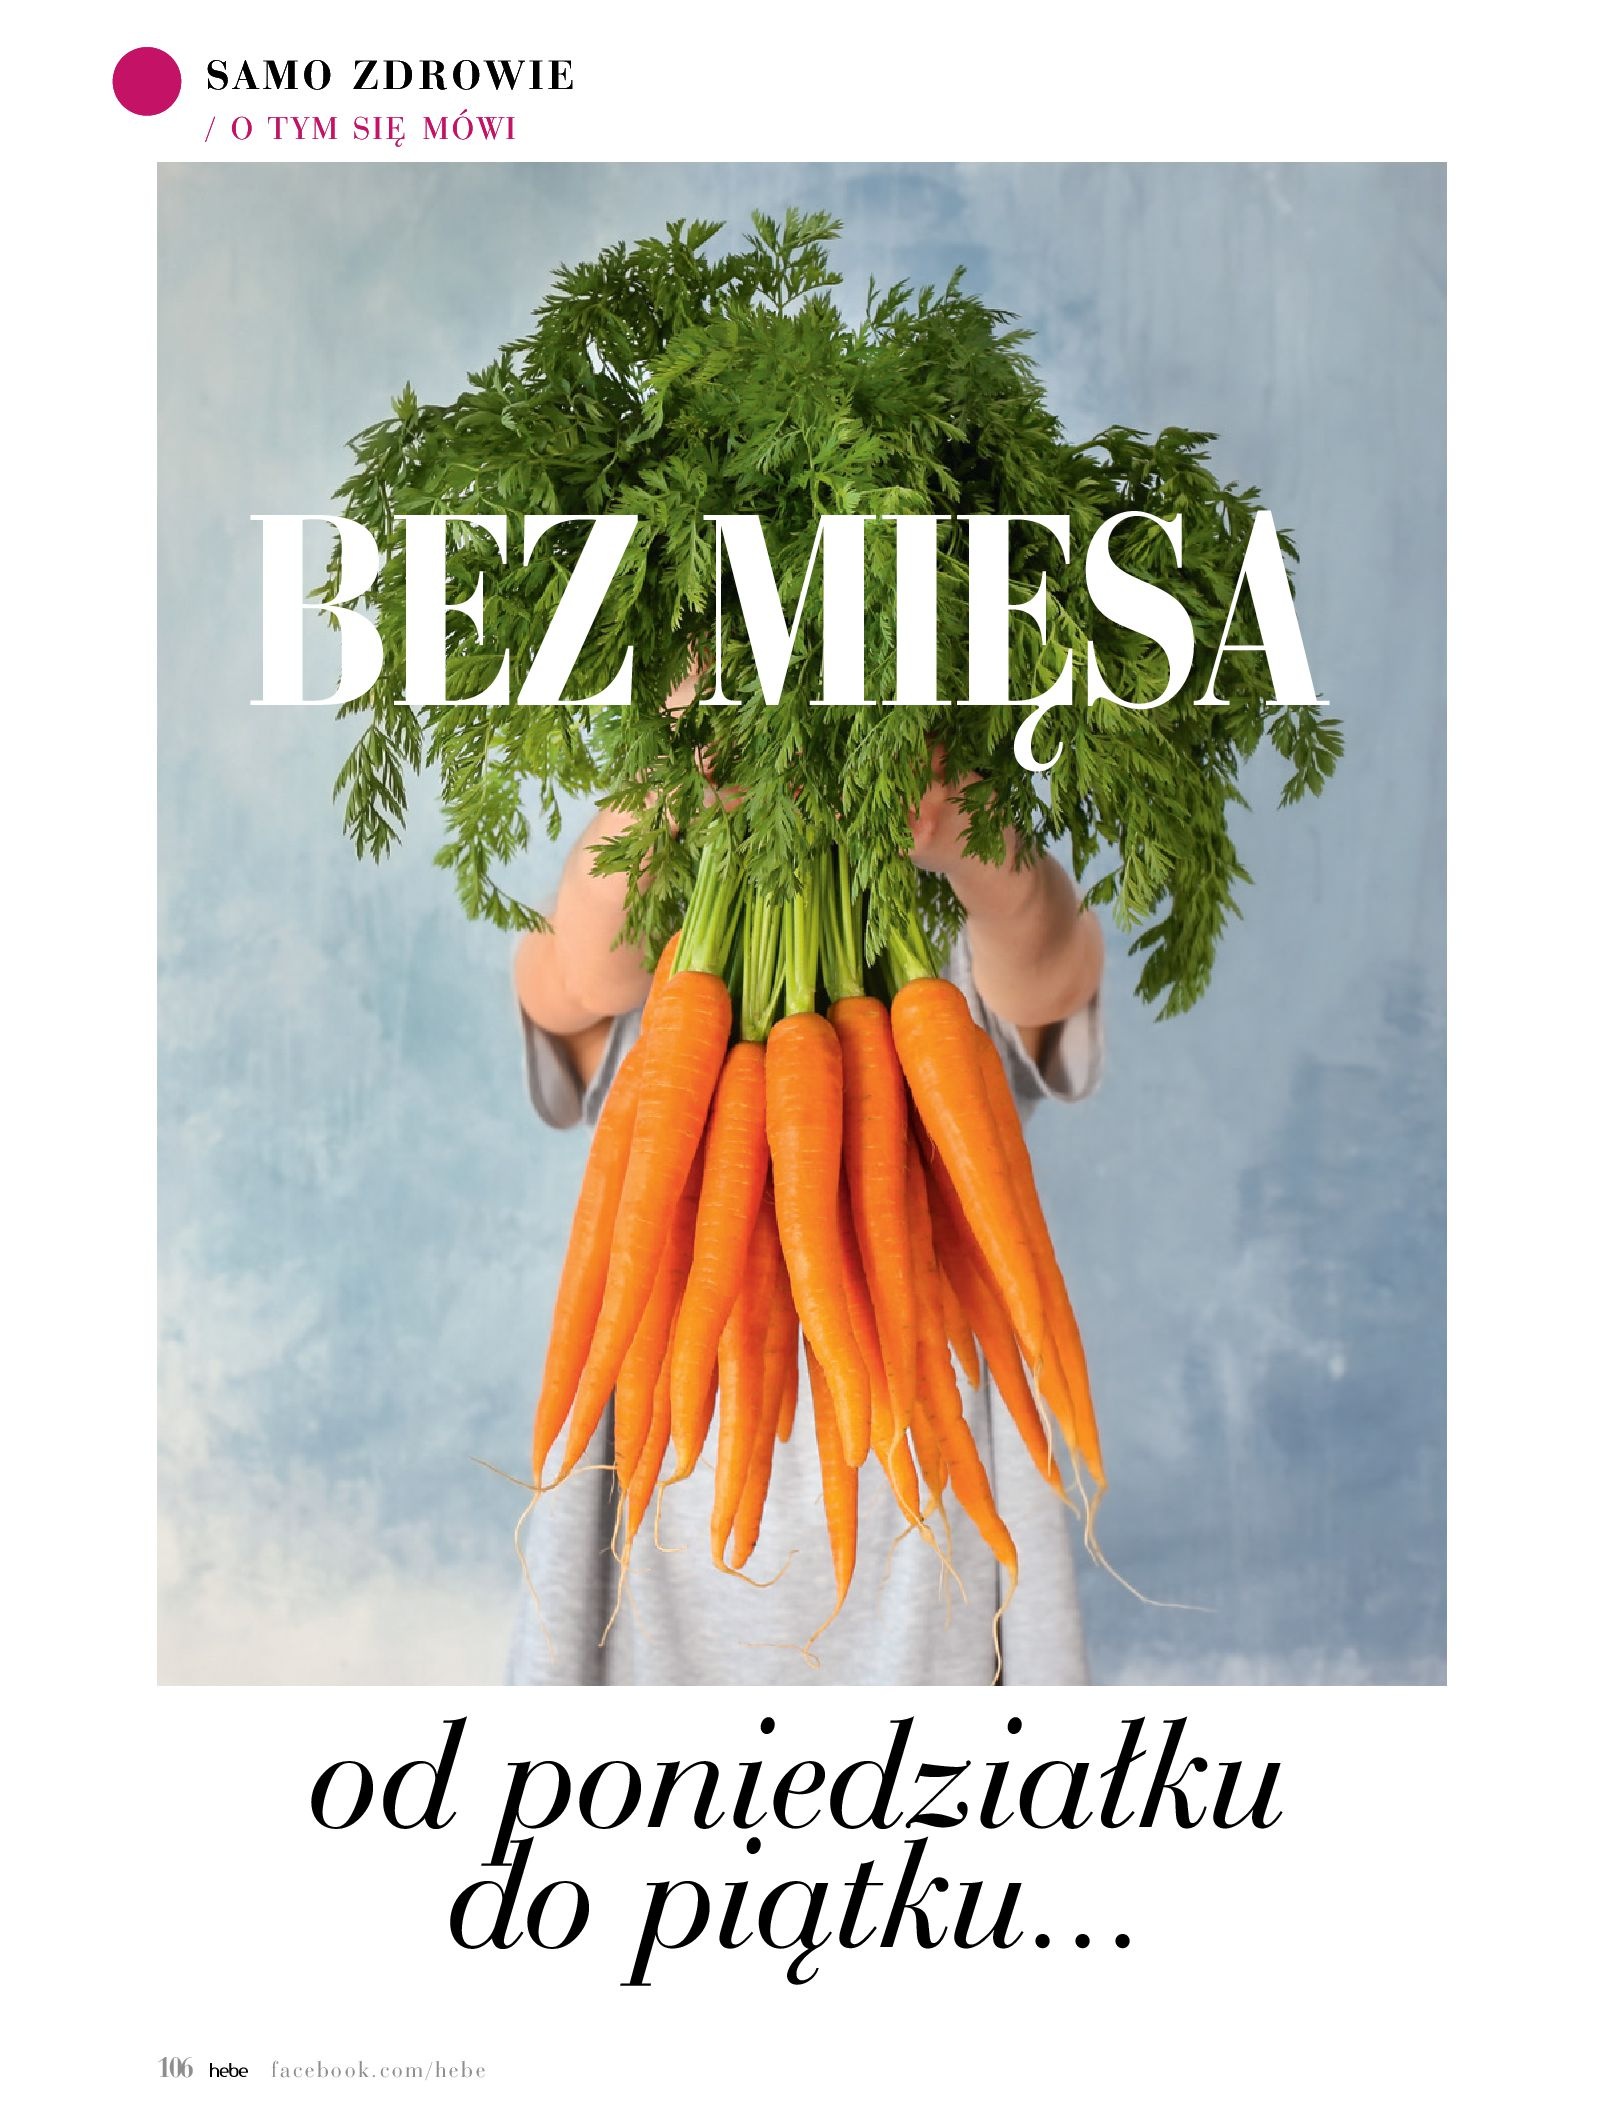 Gazetka hebe - Magazyn Hebe-30.06.2020-31.08.2020-page-106